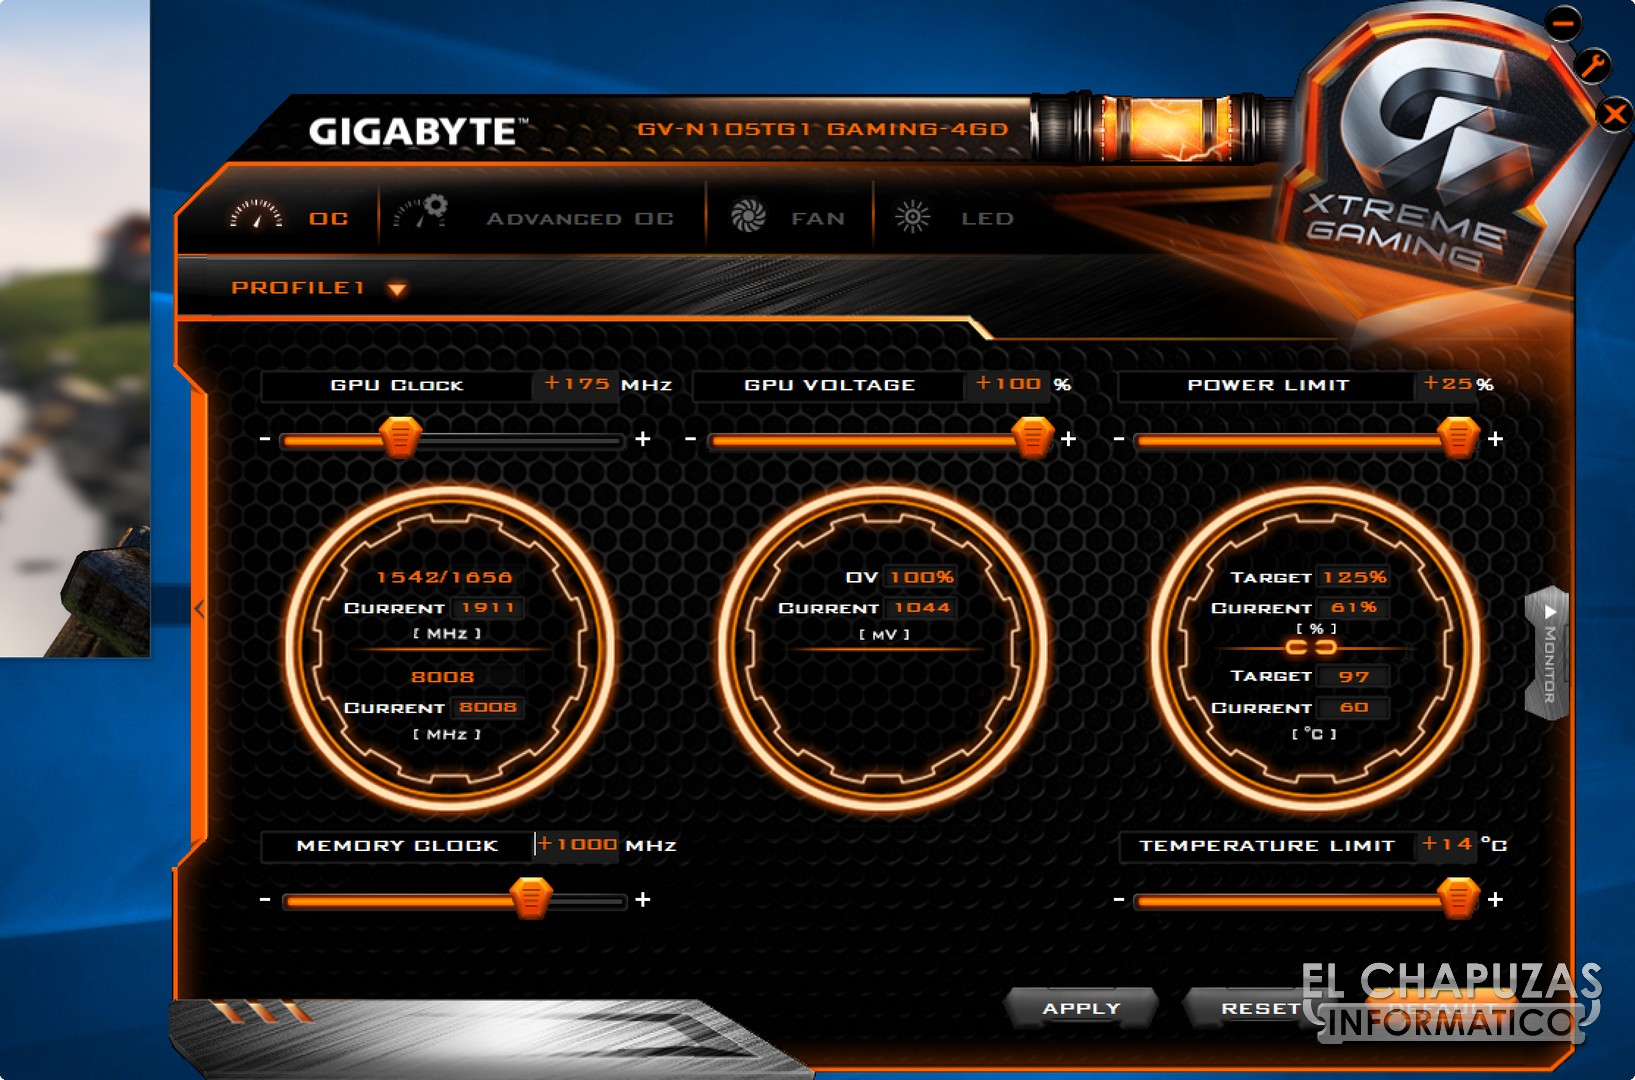 Review: Gigabyte GeForce GTX 1050 Ti G1 Gaming